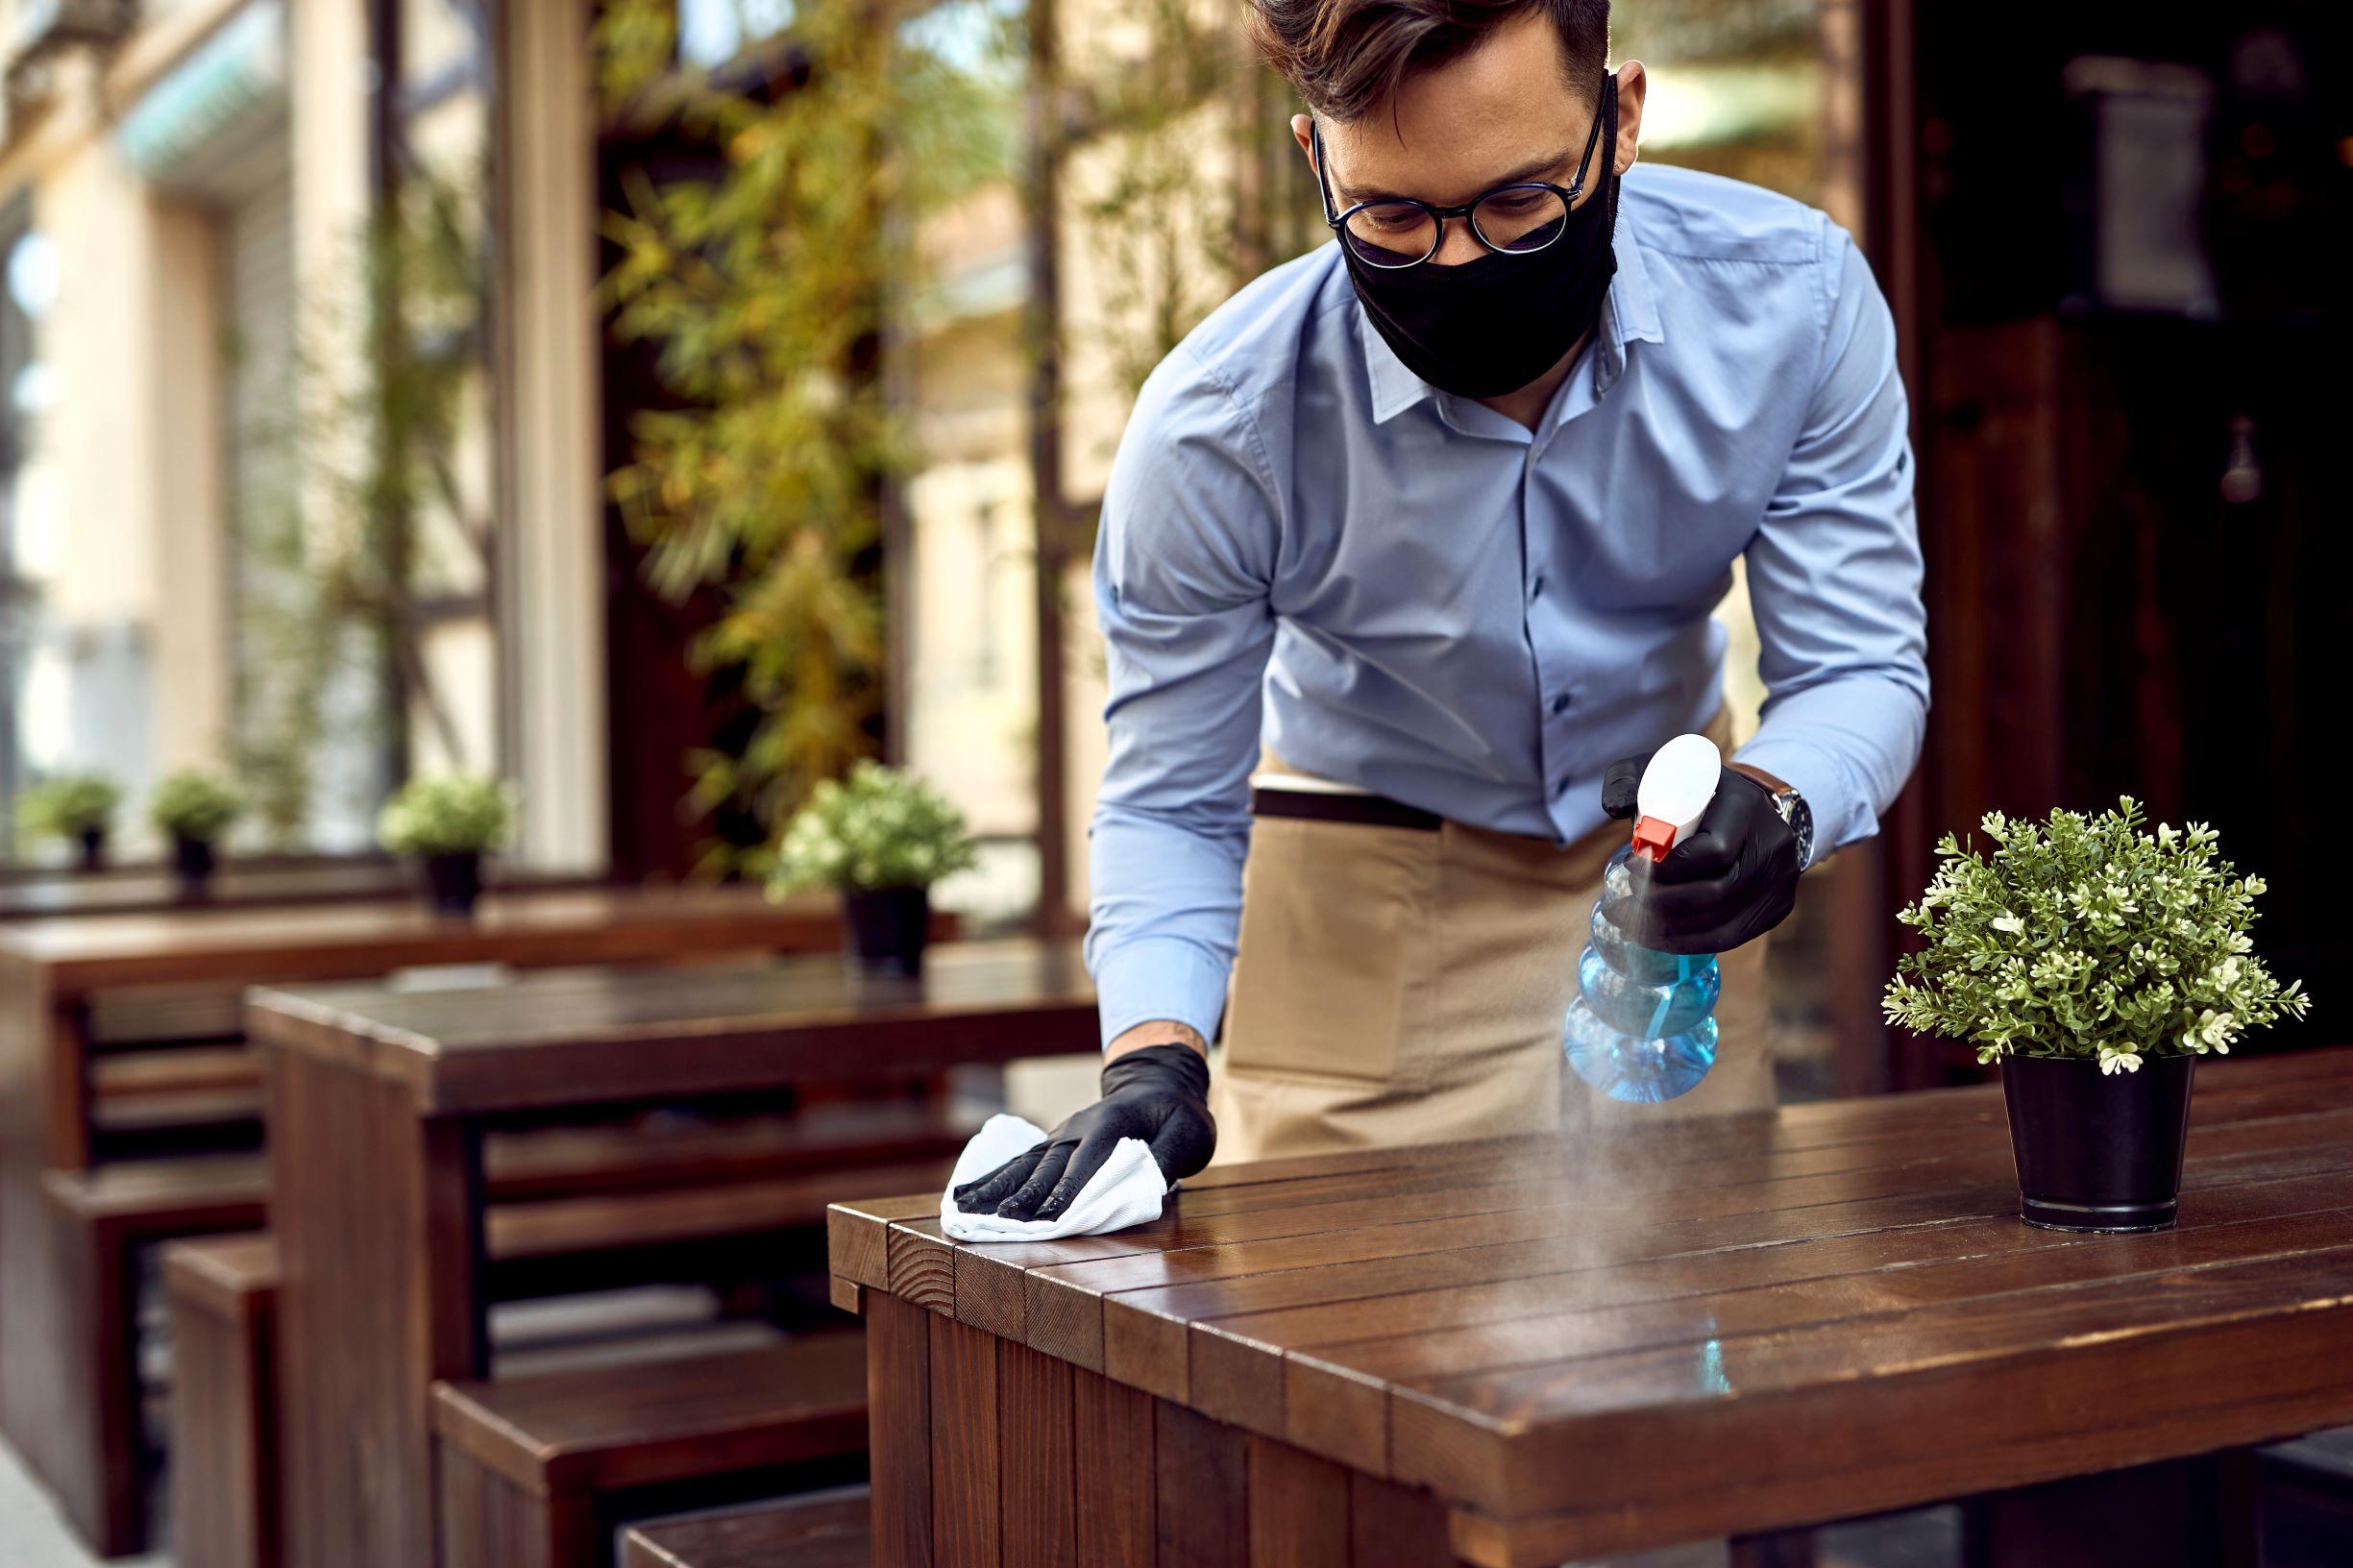 Un travailleur désinfectant les tables dans un restaurant.